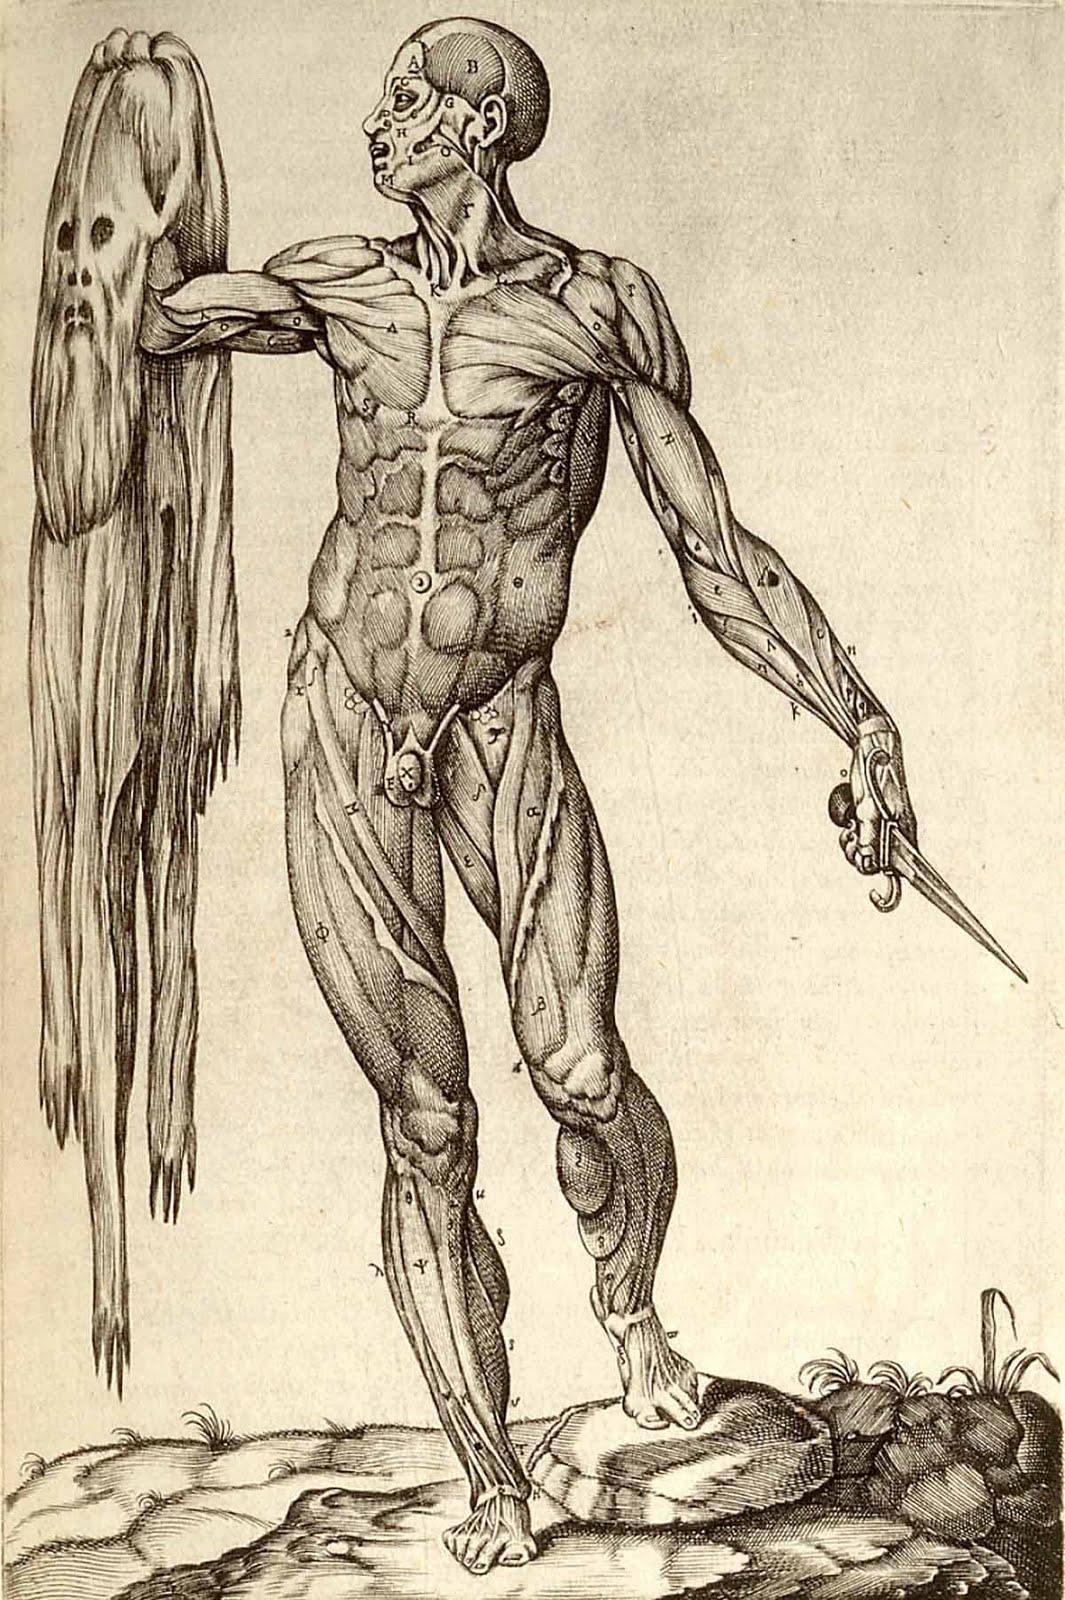 ANATOMIA HUMANA: Subdivisiones de la anatomia